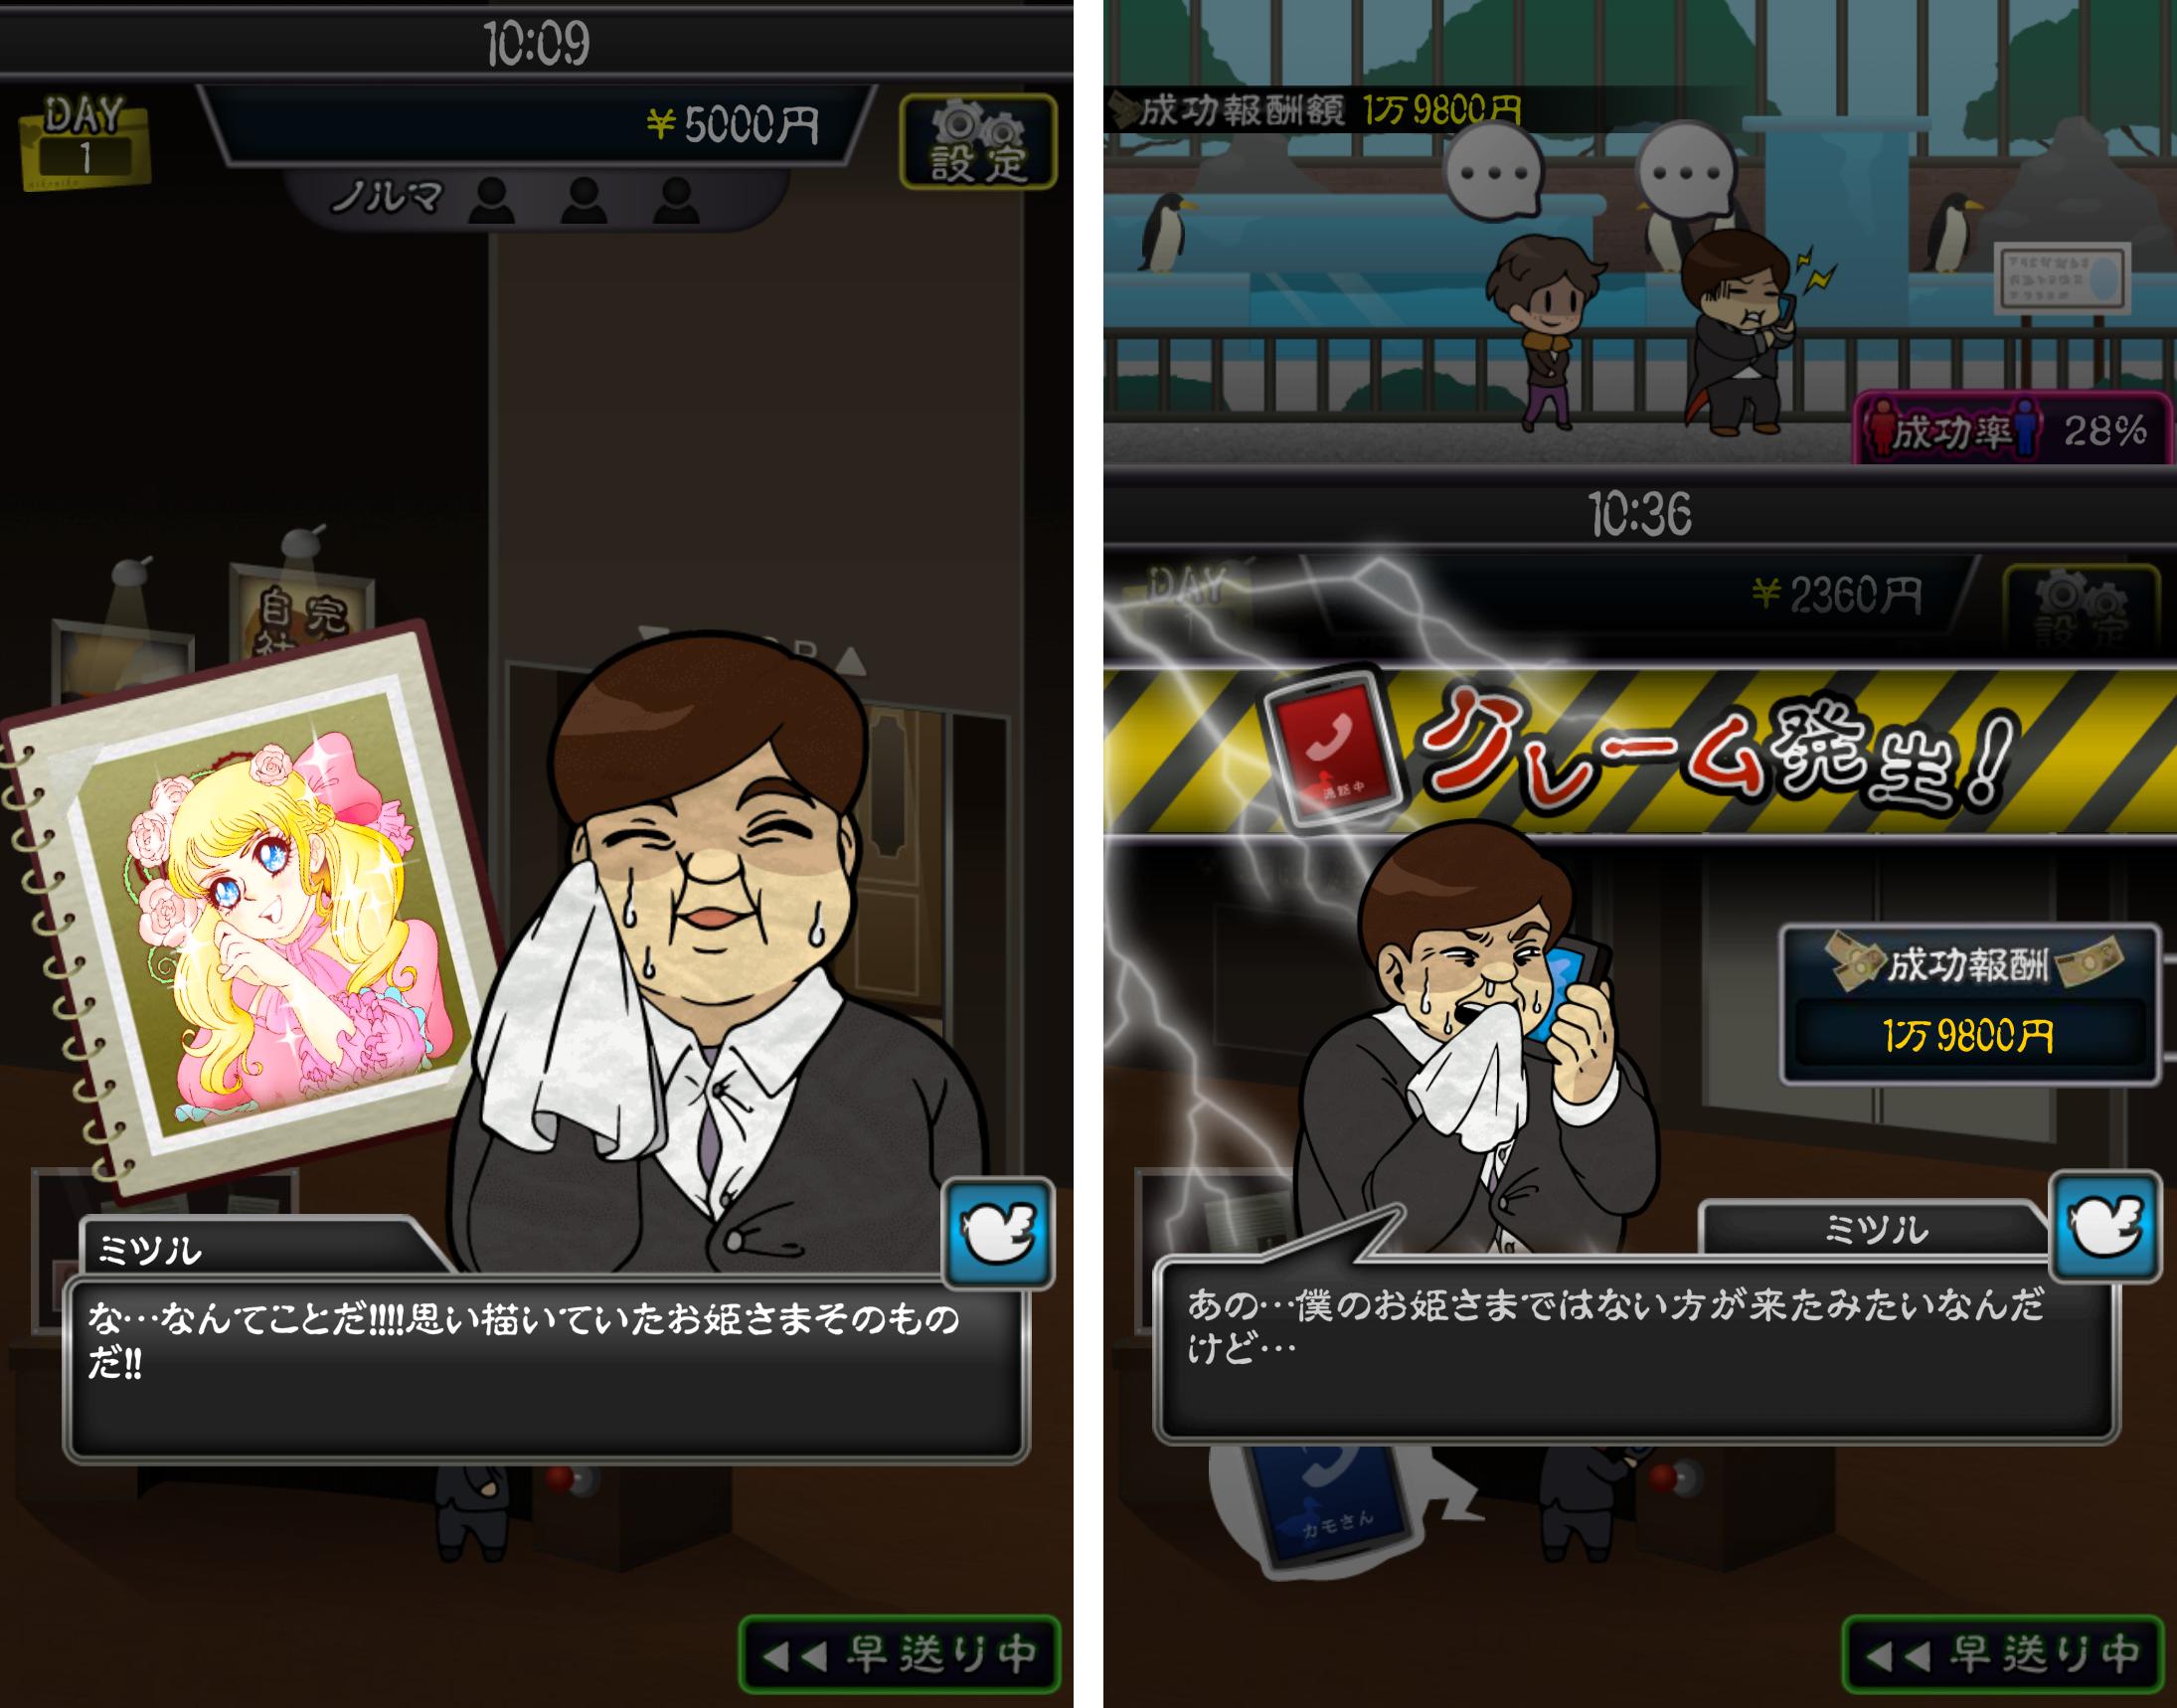 ニコニコ交際倶楽部 androidアプリスクリーンショット2